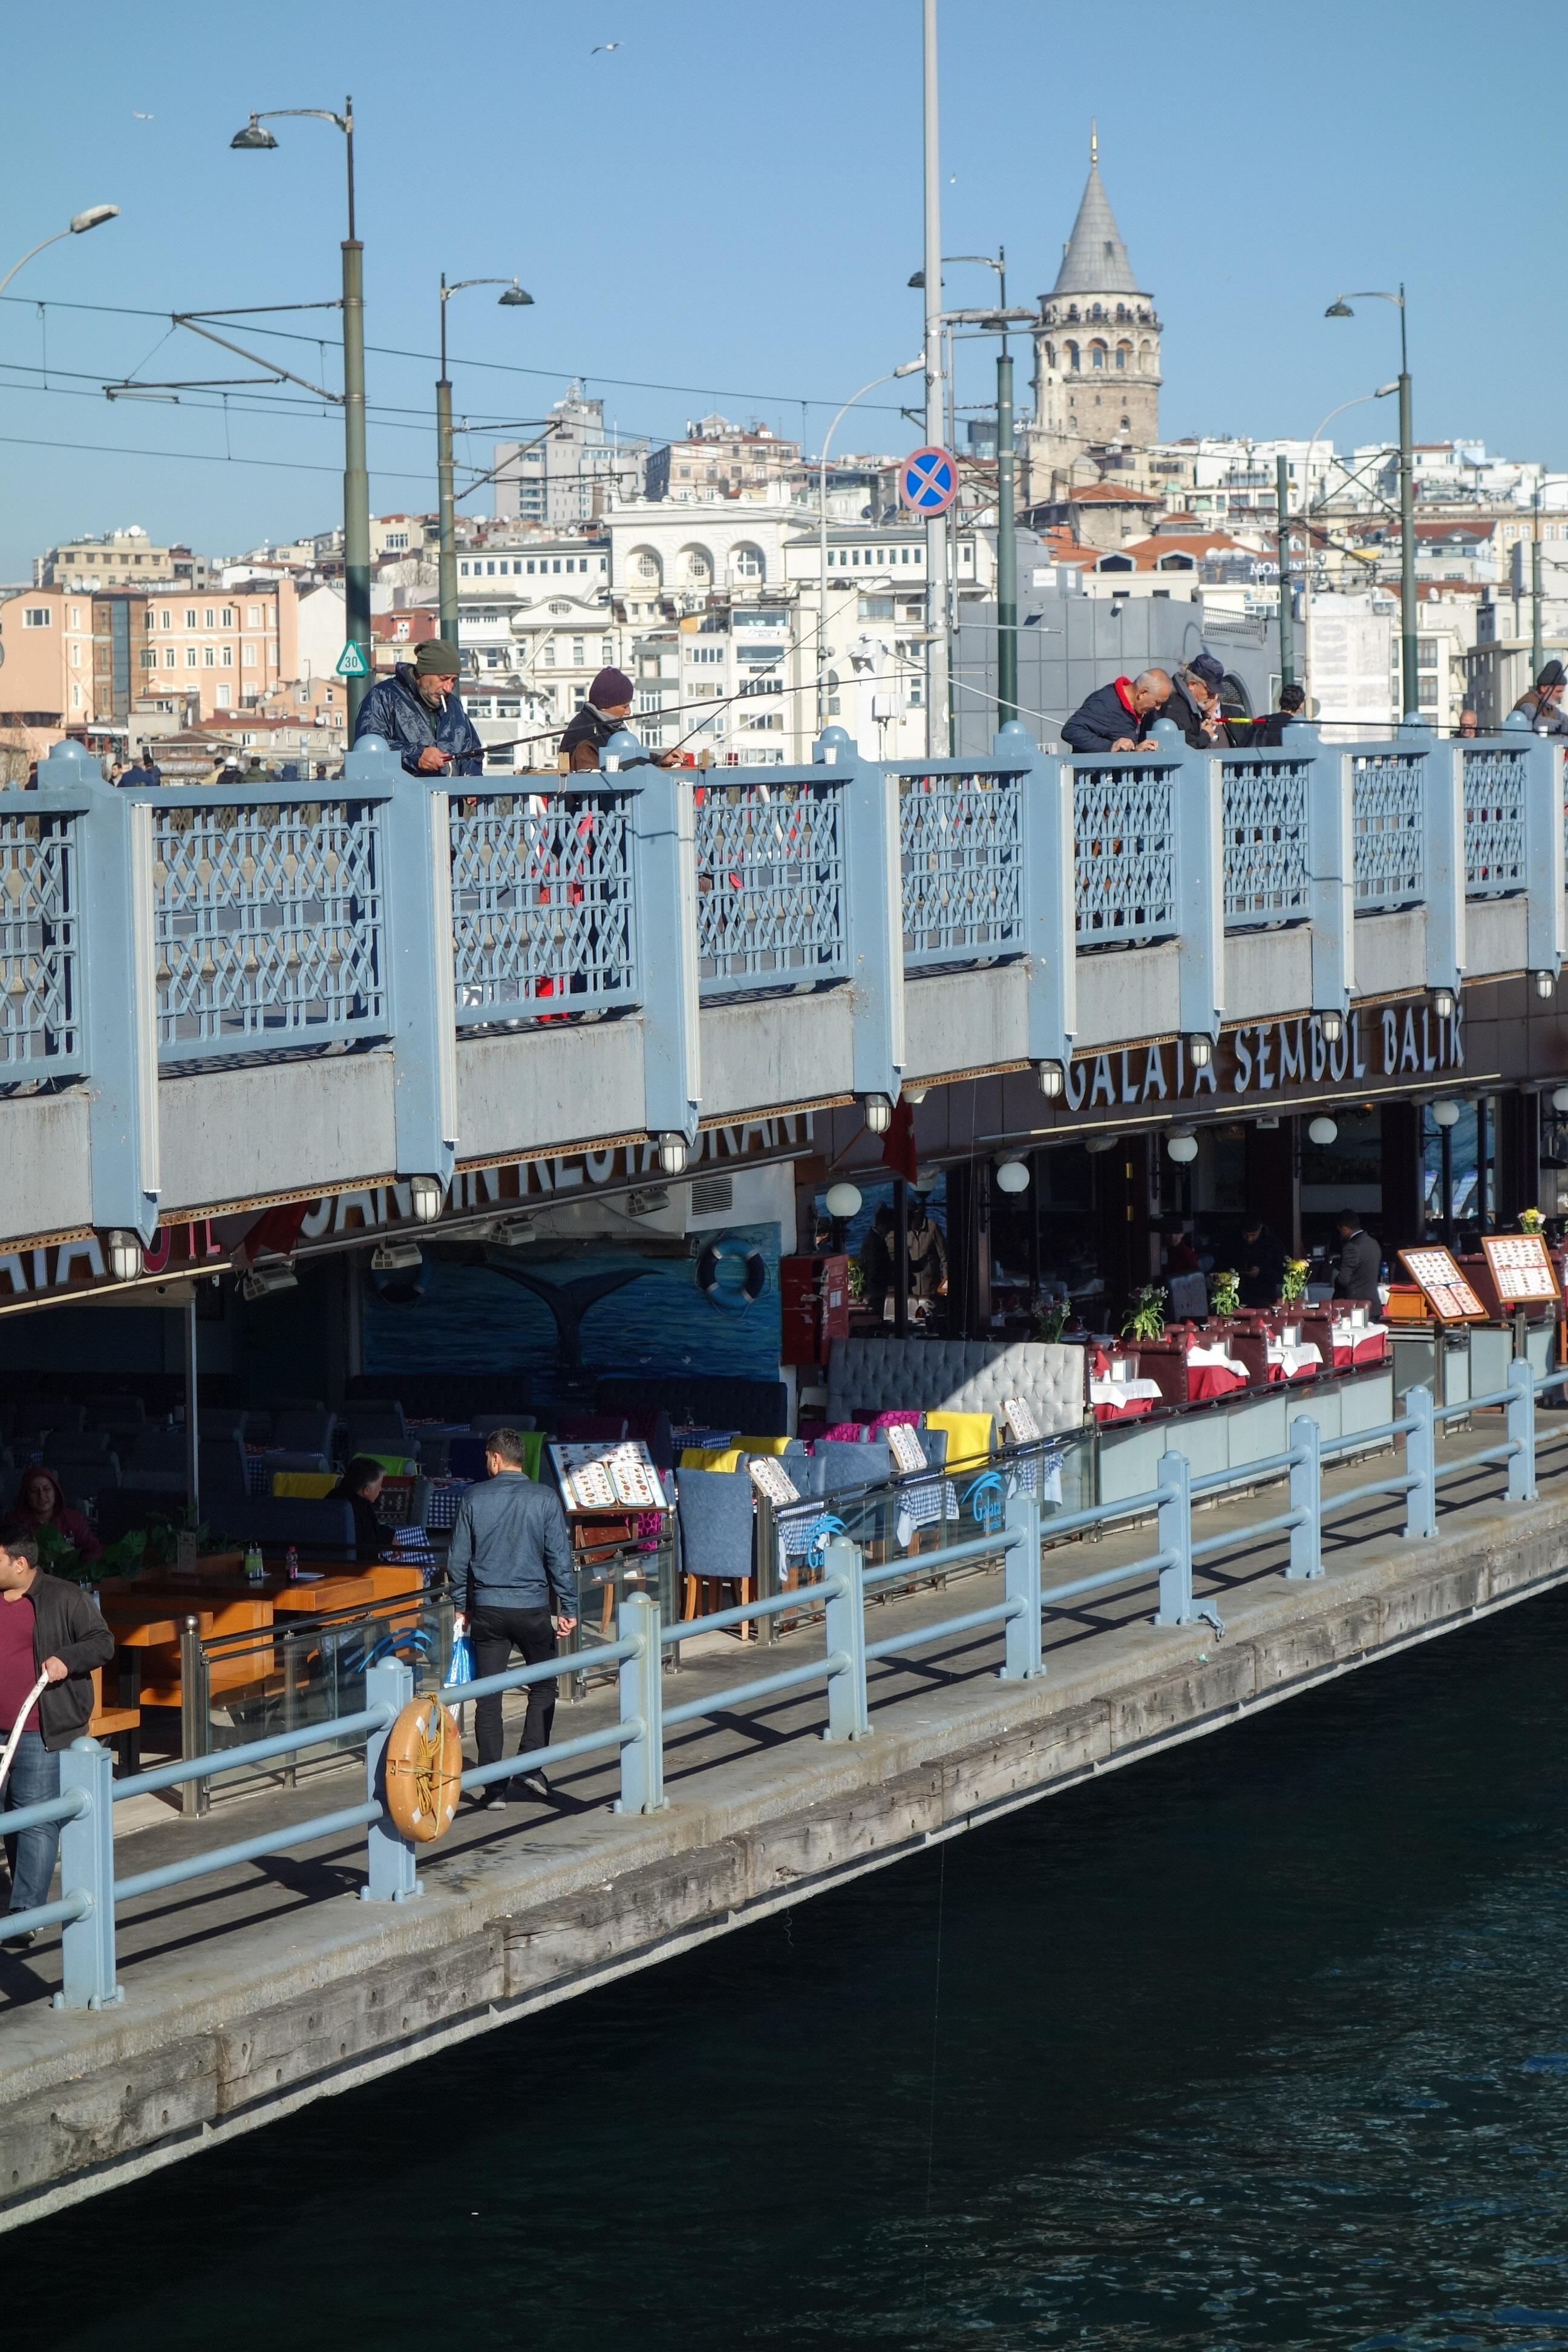 Ponte di Galata, con i pescatori affacciati al piano superiore e i ristoranti a quello inferiore